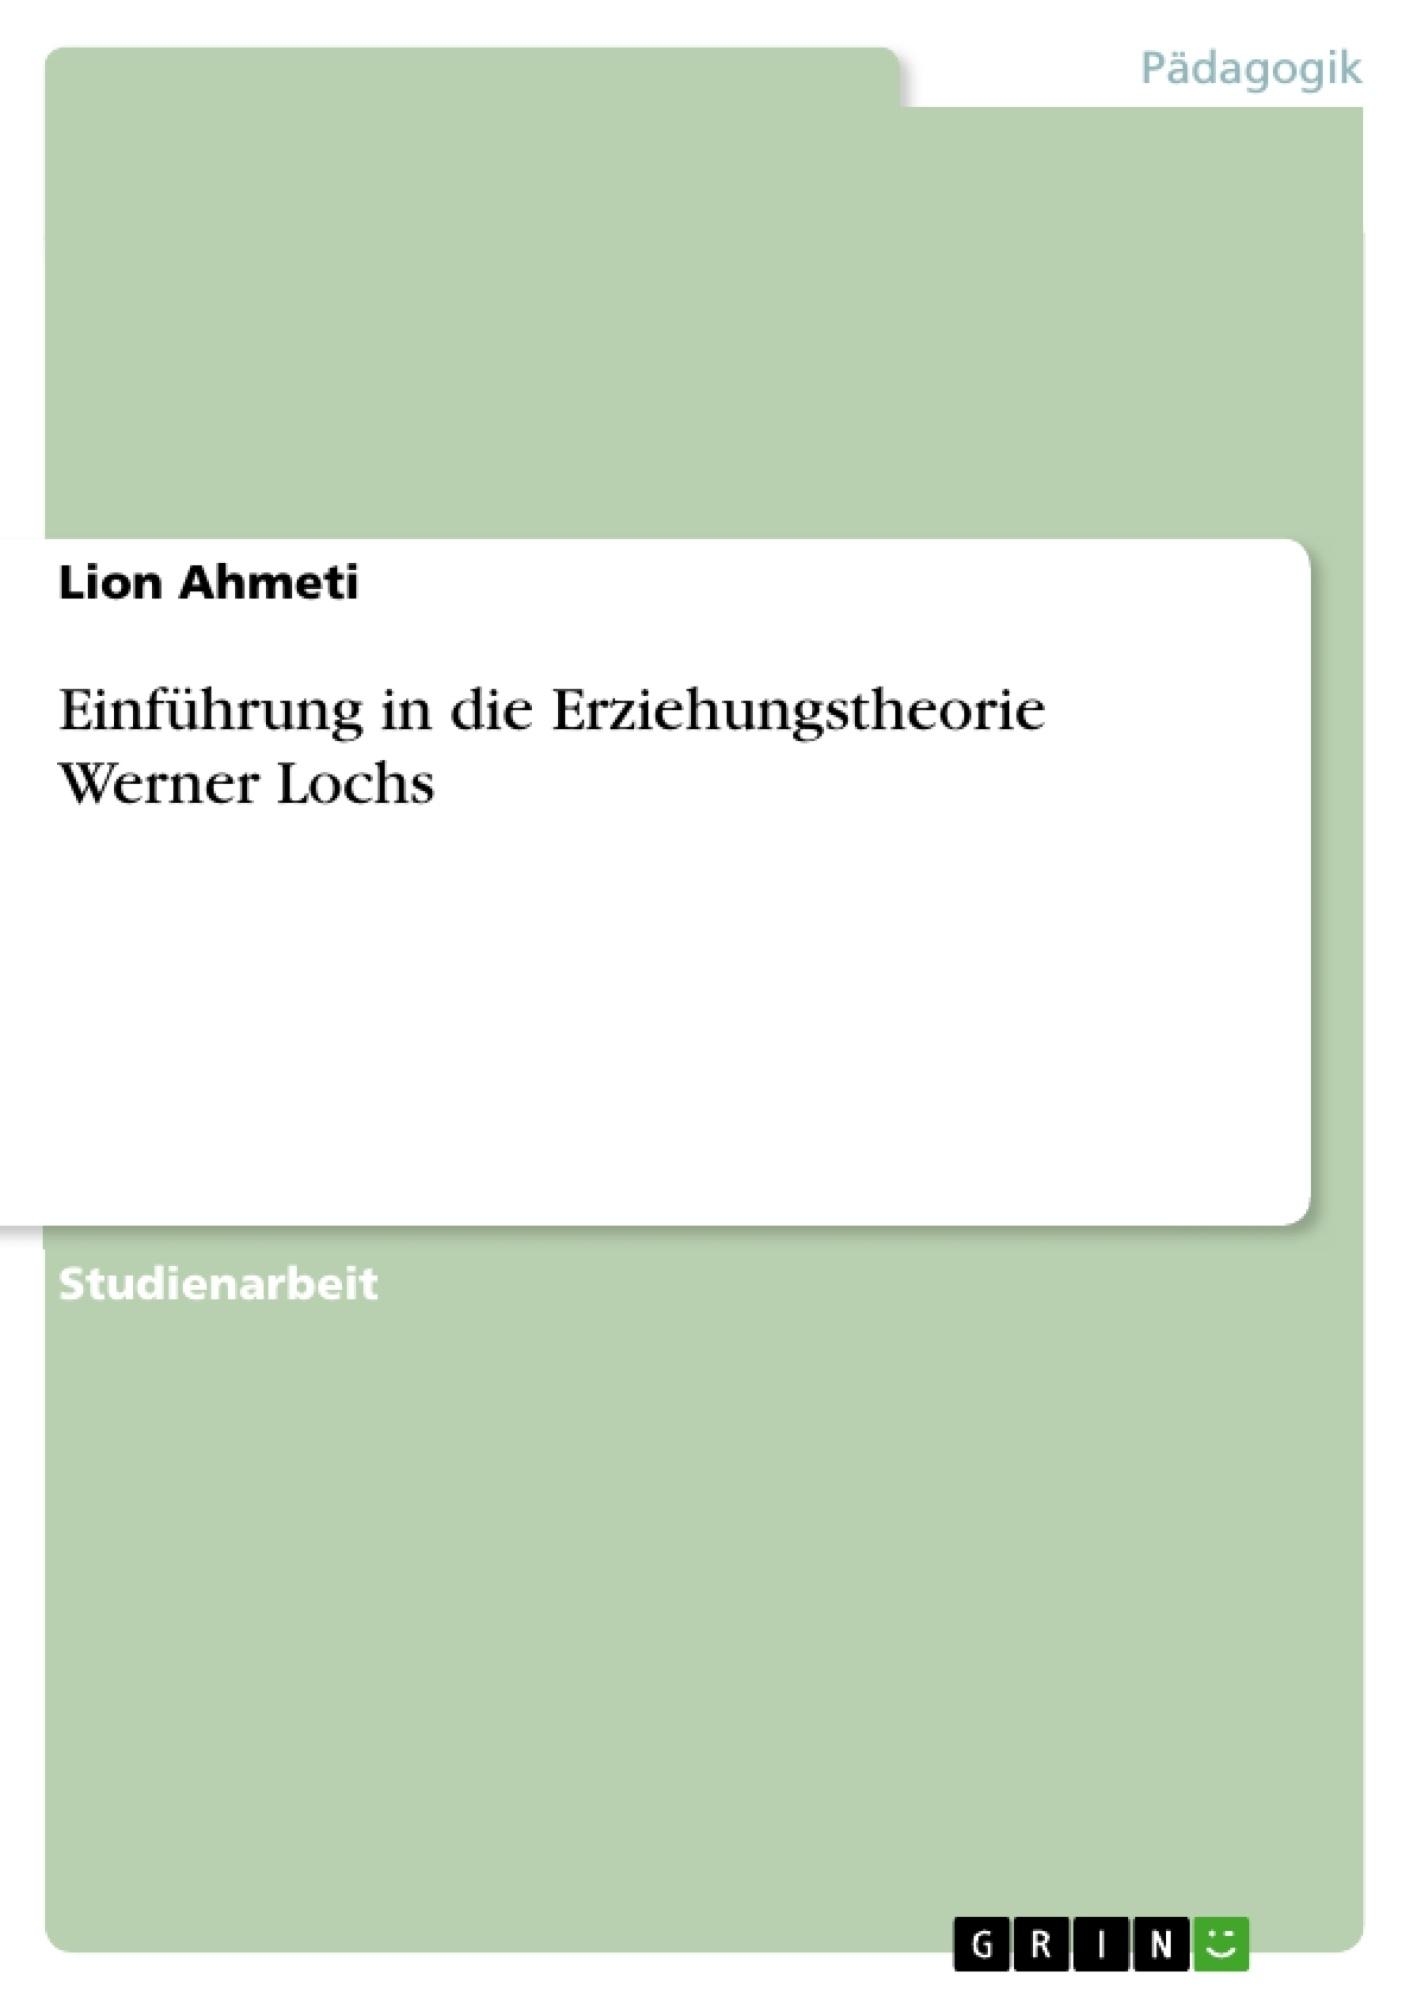 Titel: Einführung in die Erziehungstheorie Werner Lochs